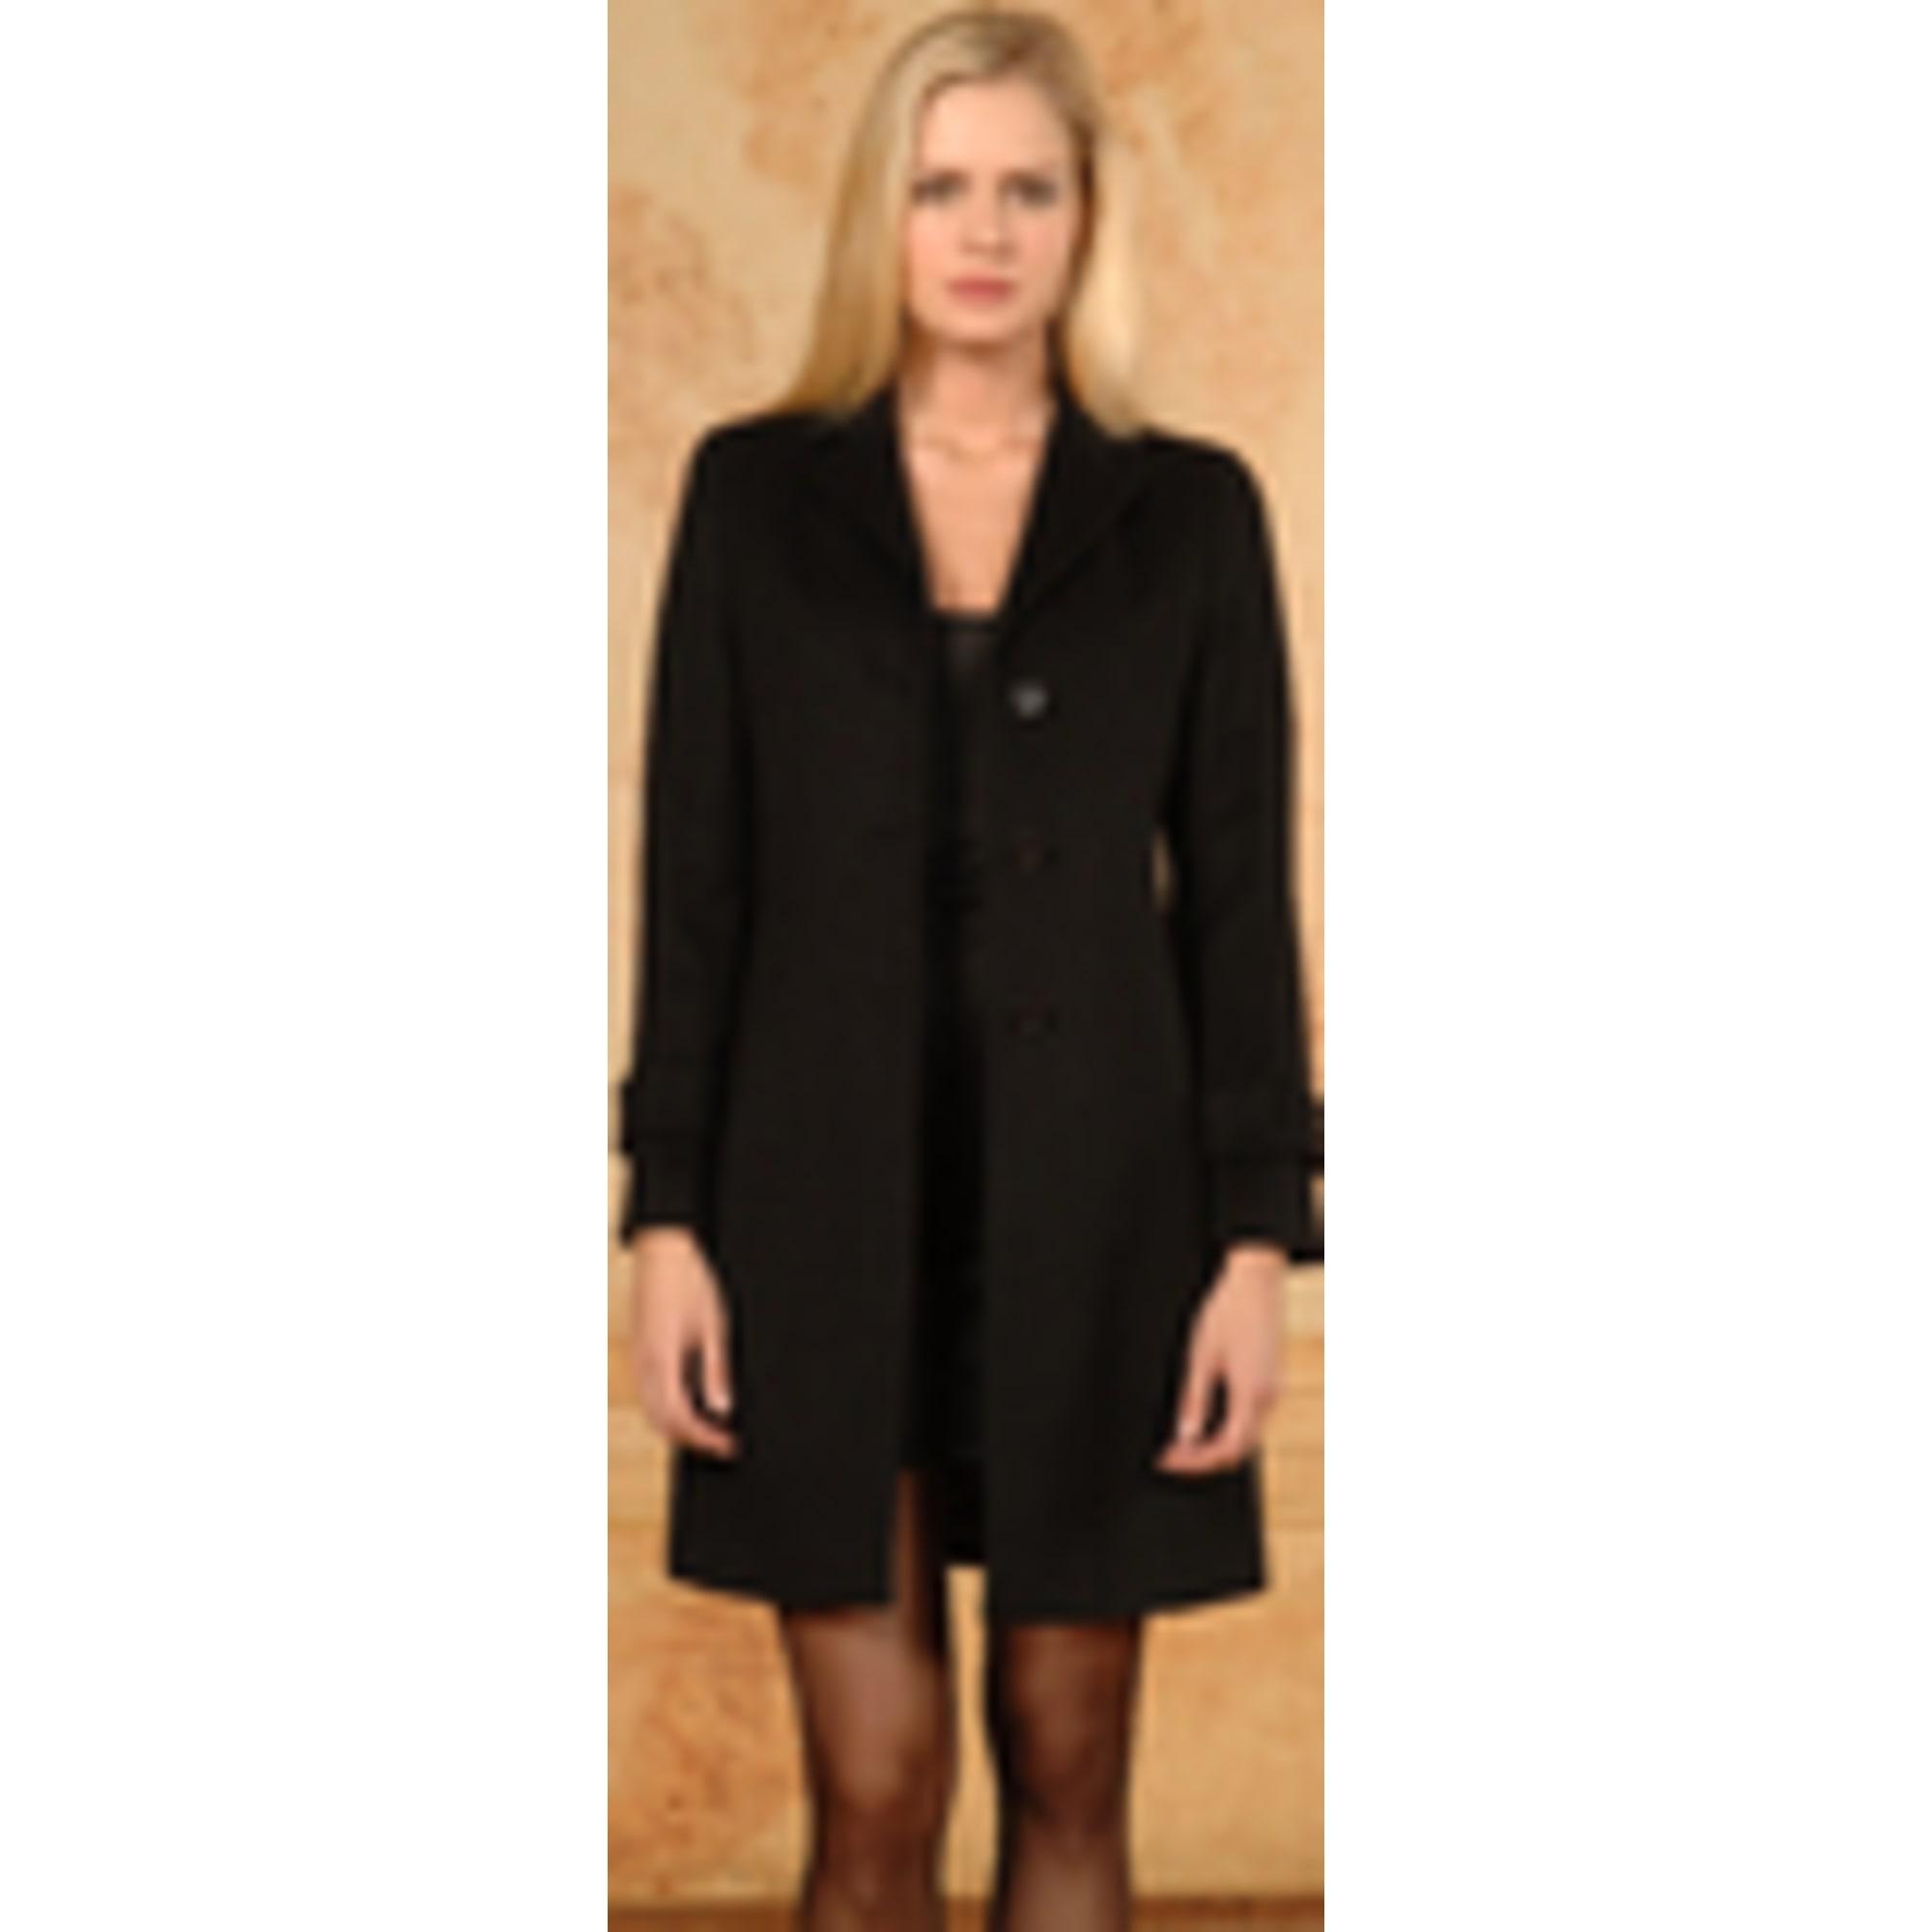 Manteau BREGAL PELCHAT 42 (L XL, T4) noir vendu par Chromosome187230 ... 79a9e1f4383a